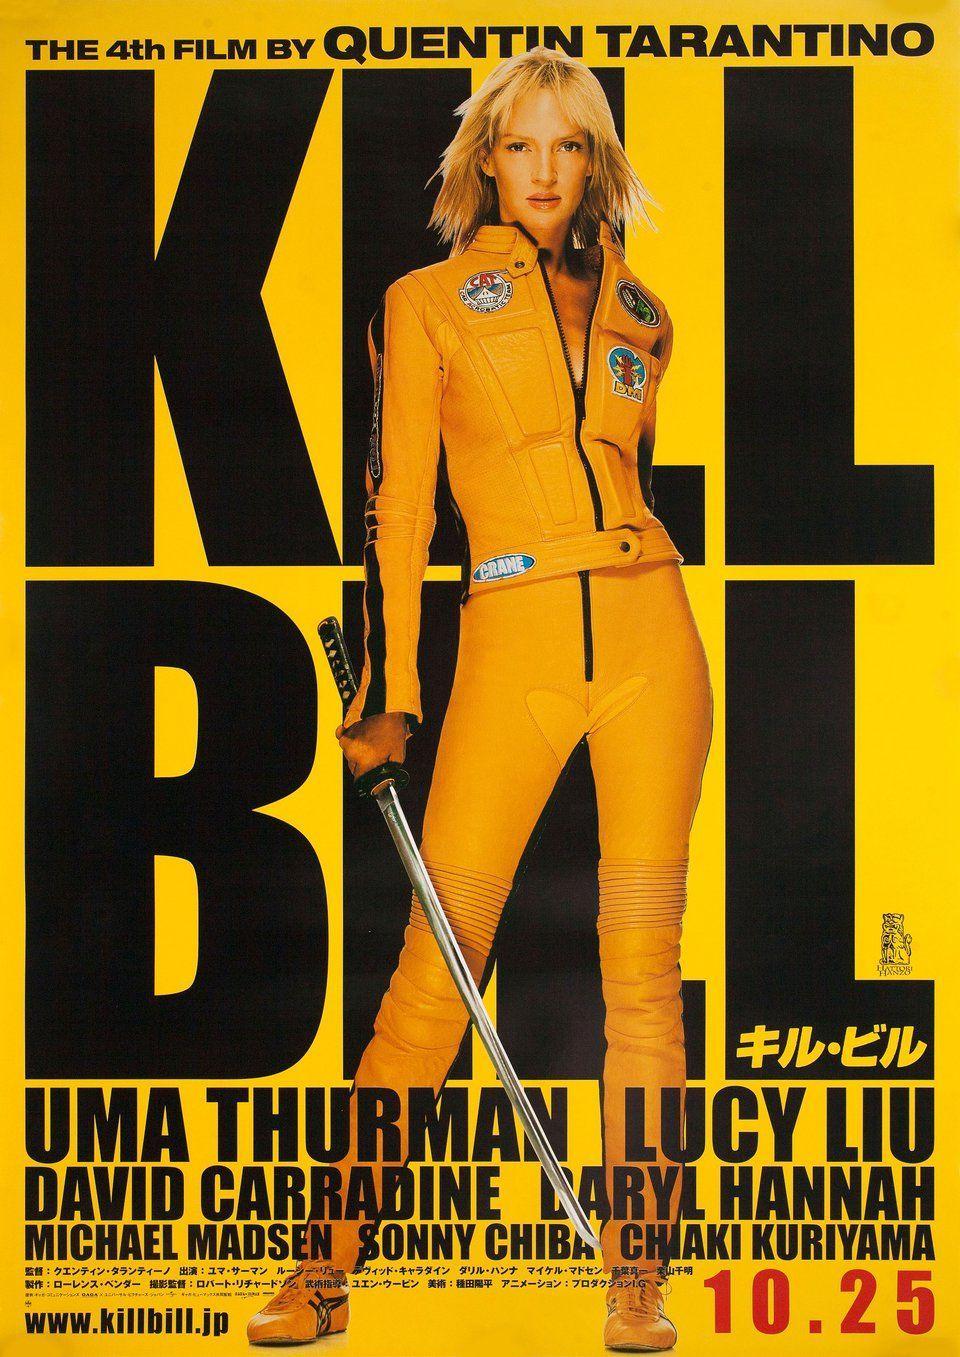 Kill Bill Vol 1 2003 Japanese B2 Poster Posteritati Movie Poster Gallery New York In 2020 Kill Bill Movie Movie Posters Kill Bill